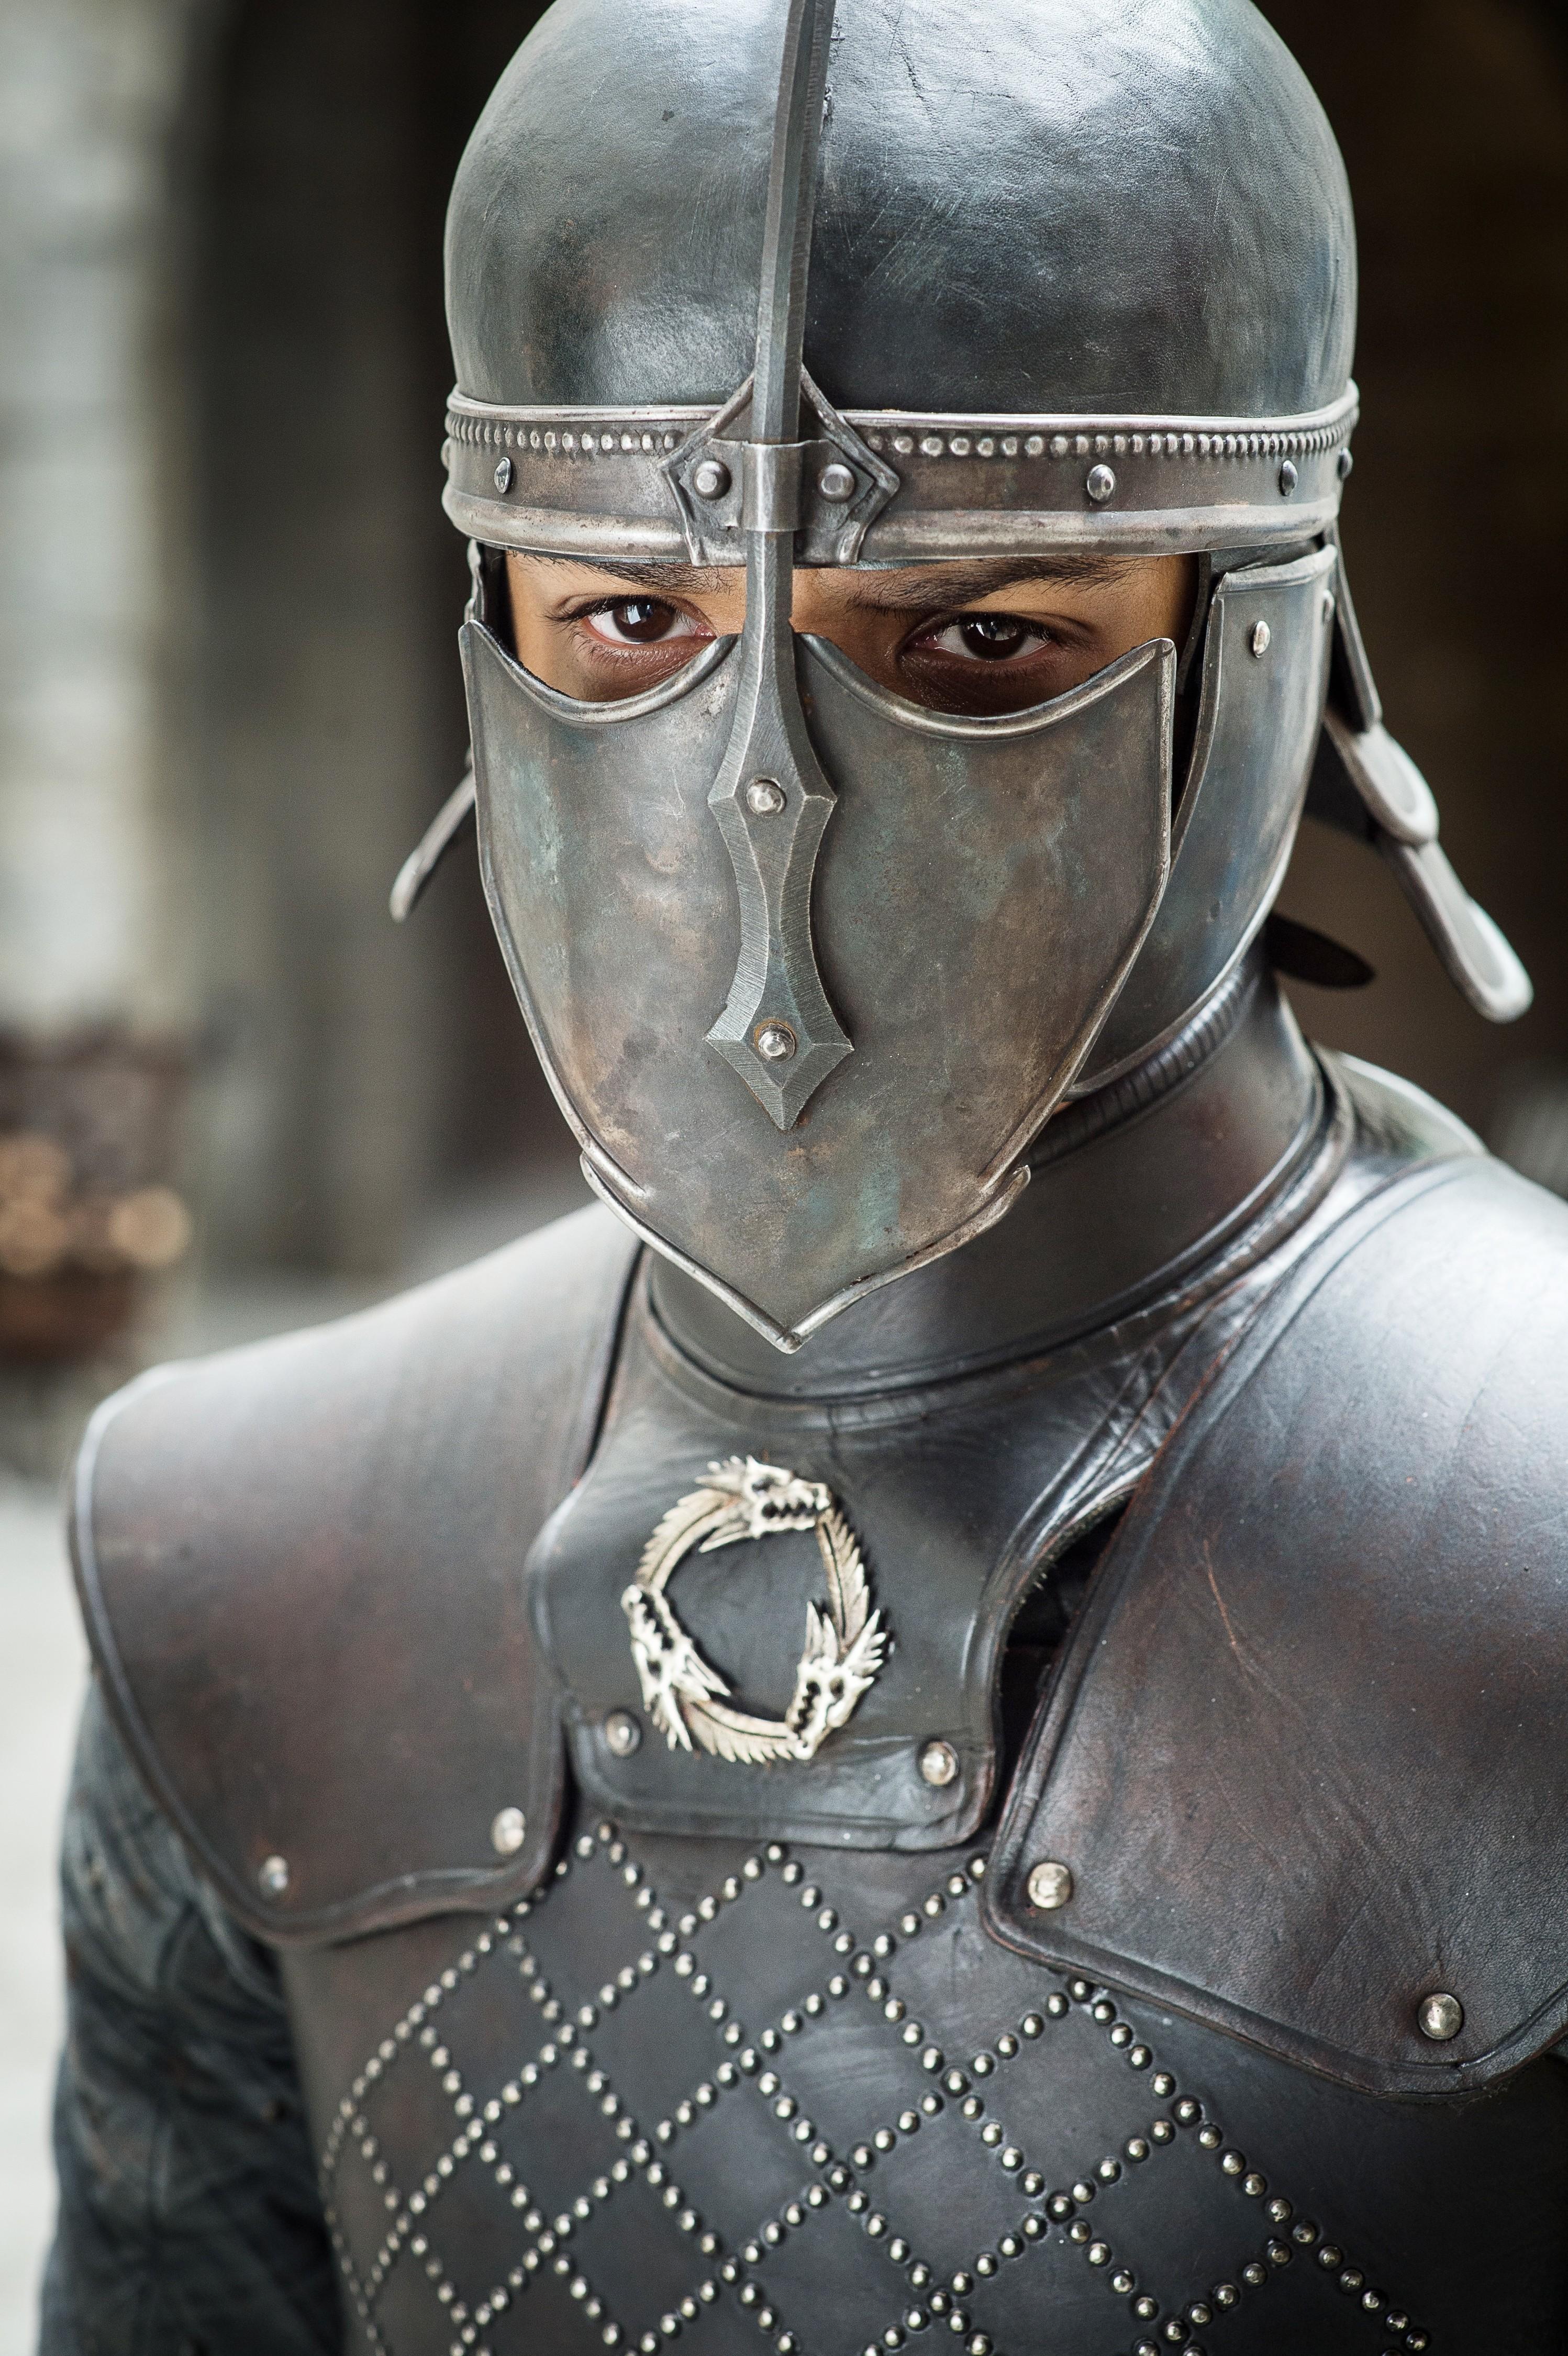 Terceiro episódio da sétima temporada de Game of Thrones (Foto: Divulgação)